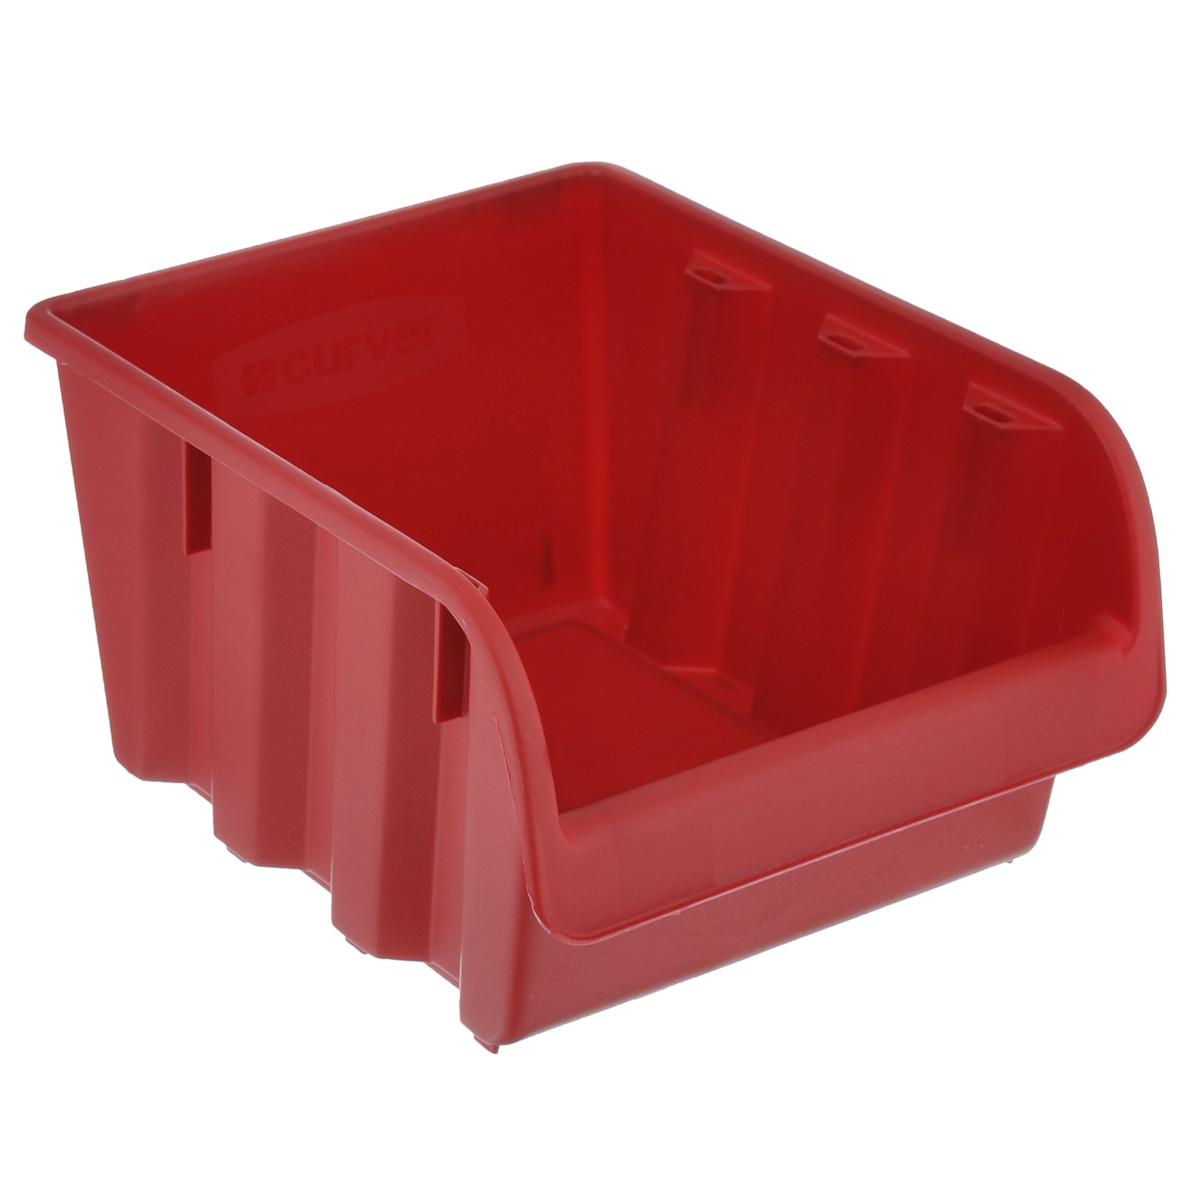 Емкость складская Curver Profi №4, цвет: красный, 24 х 17,2 х 13 см74-0120Емкость Curver Profi №4 выполнена из высококачественного пластика и предназначена для хранения инструментов и различных складских мелочей, таких как гвозди, болты, гайки. Удобная конструкция изделия позволяет без труда достать из емкости нужную вещь. Емкость Curver Profi №4 будет незаменимой дома, на даче или в гараже.